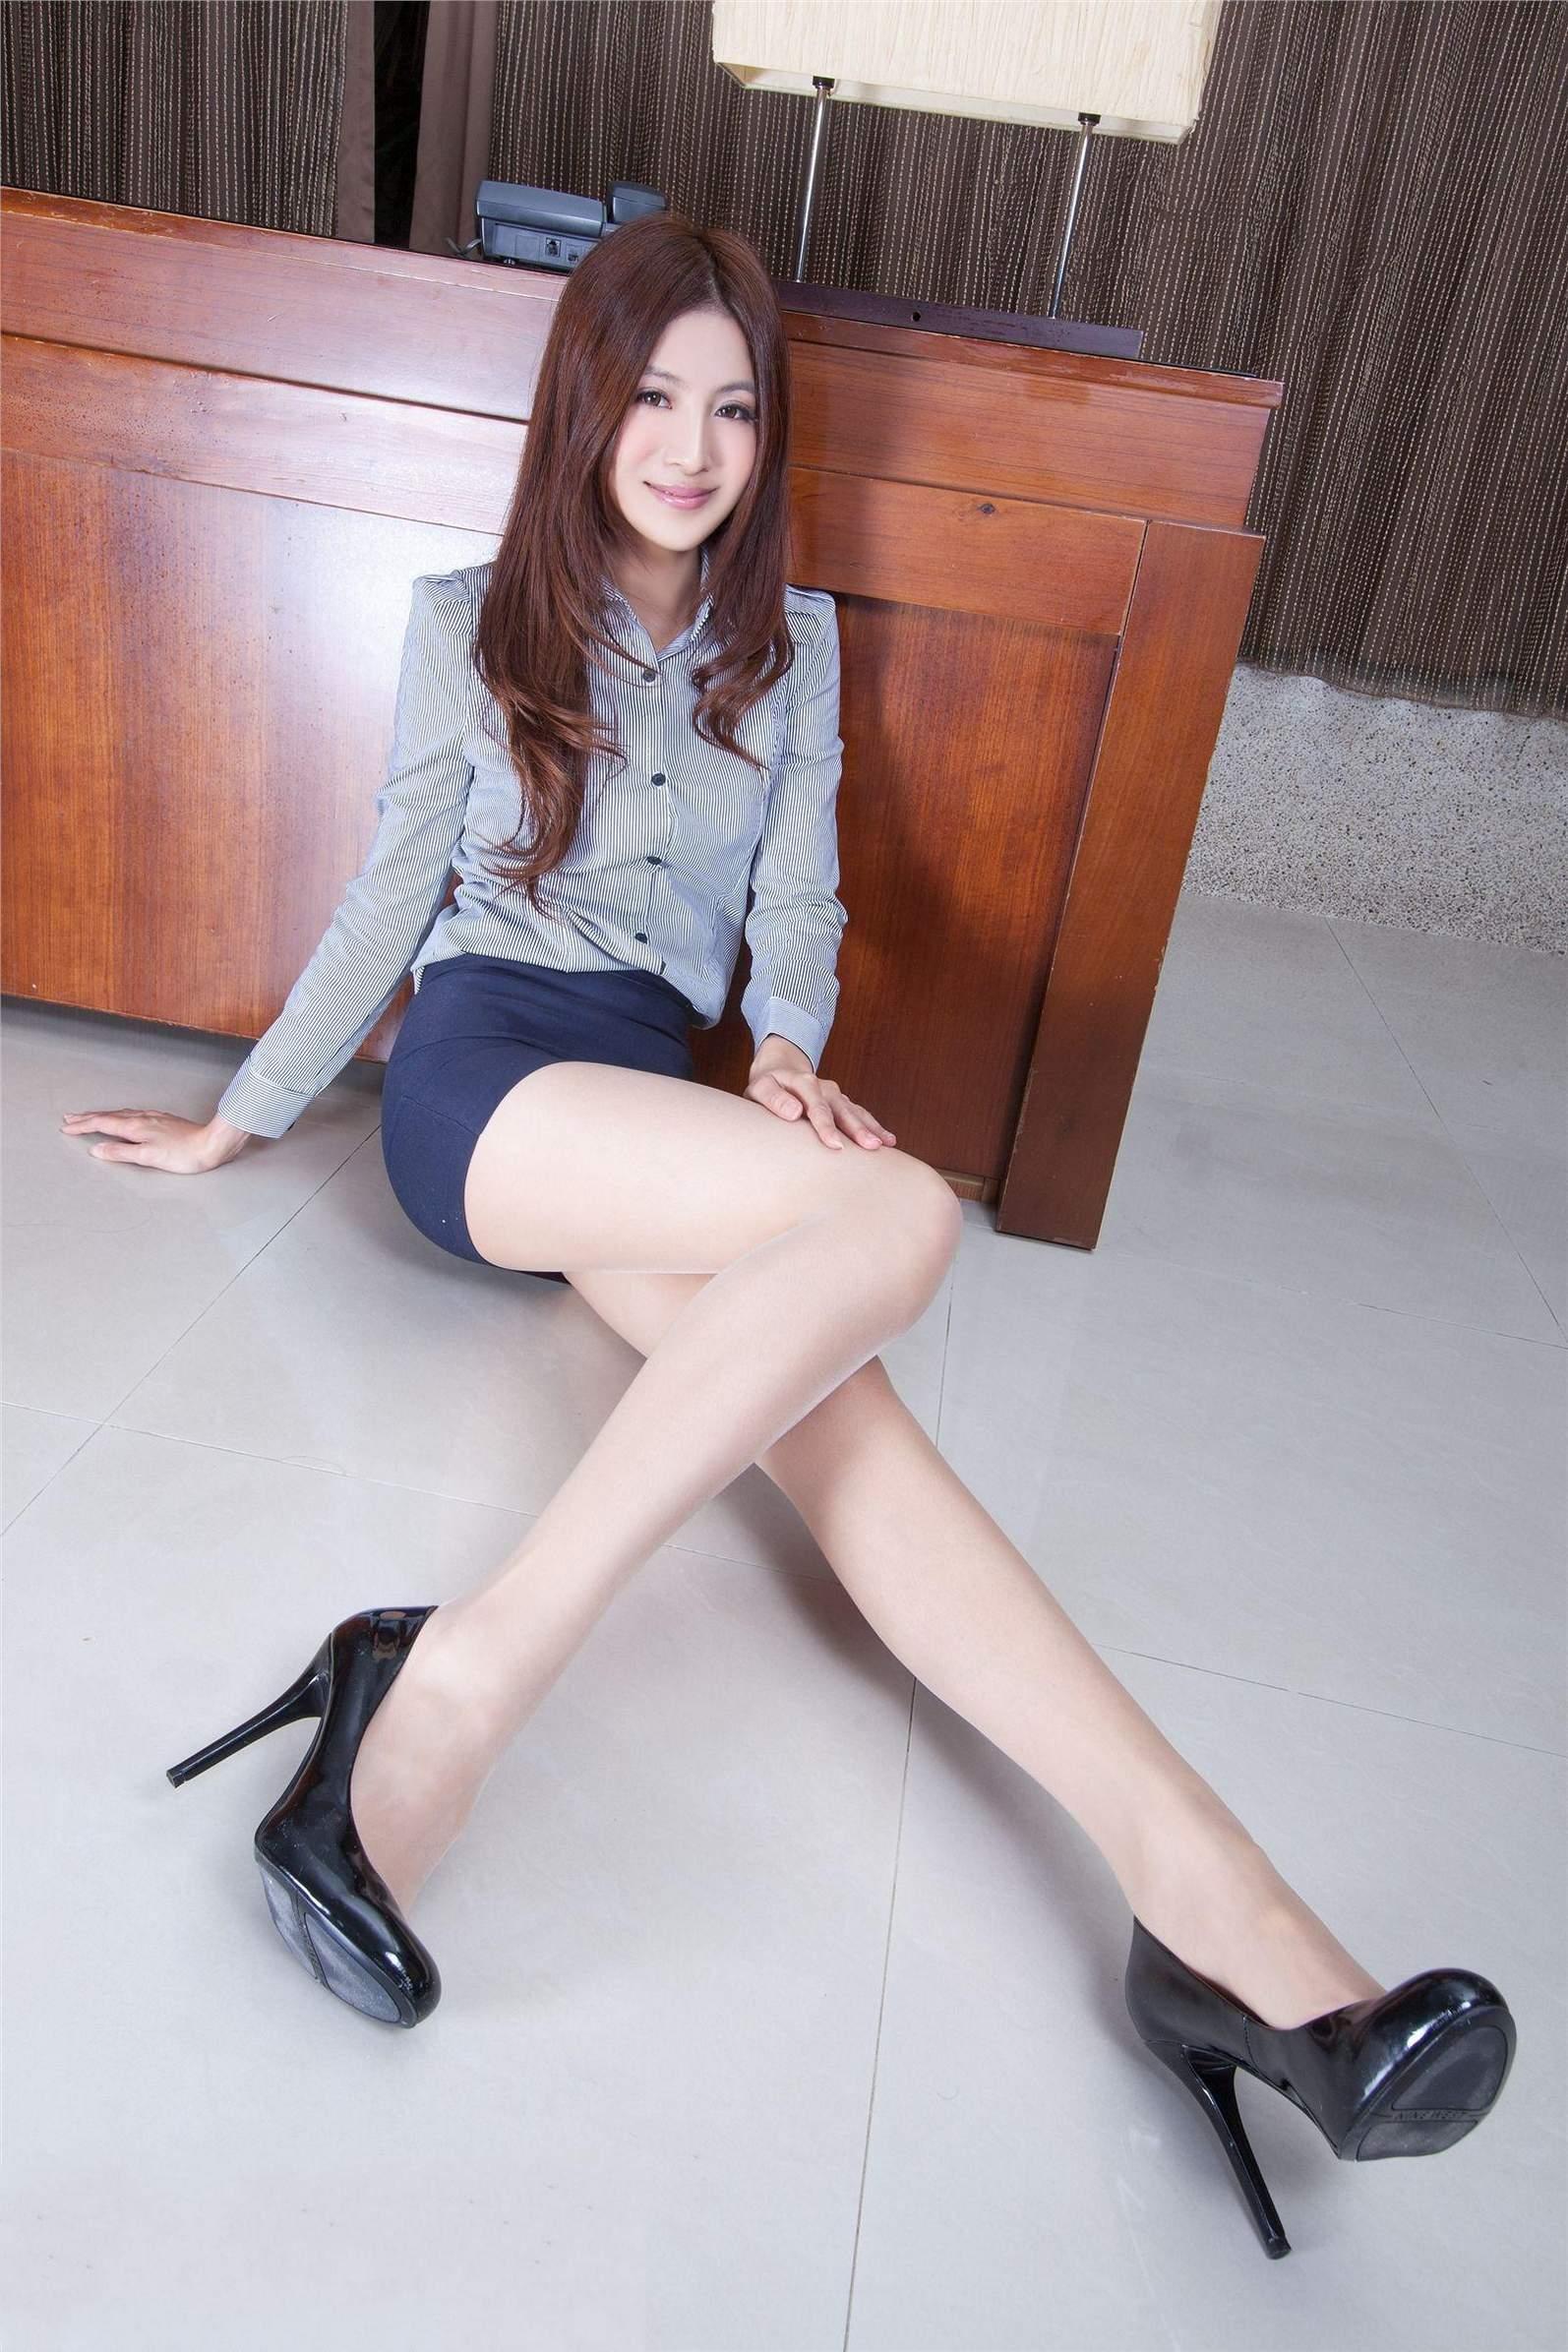 爱秀美腿秀Vicni4 - 花開有聲 - 花開有聲